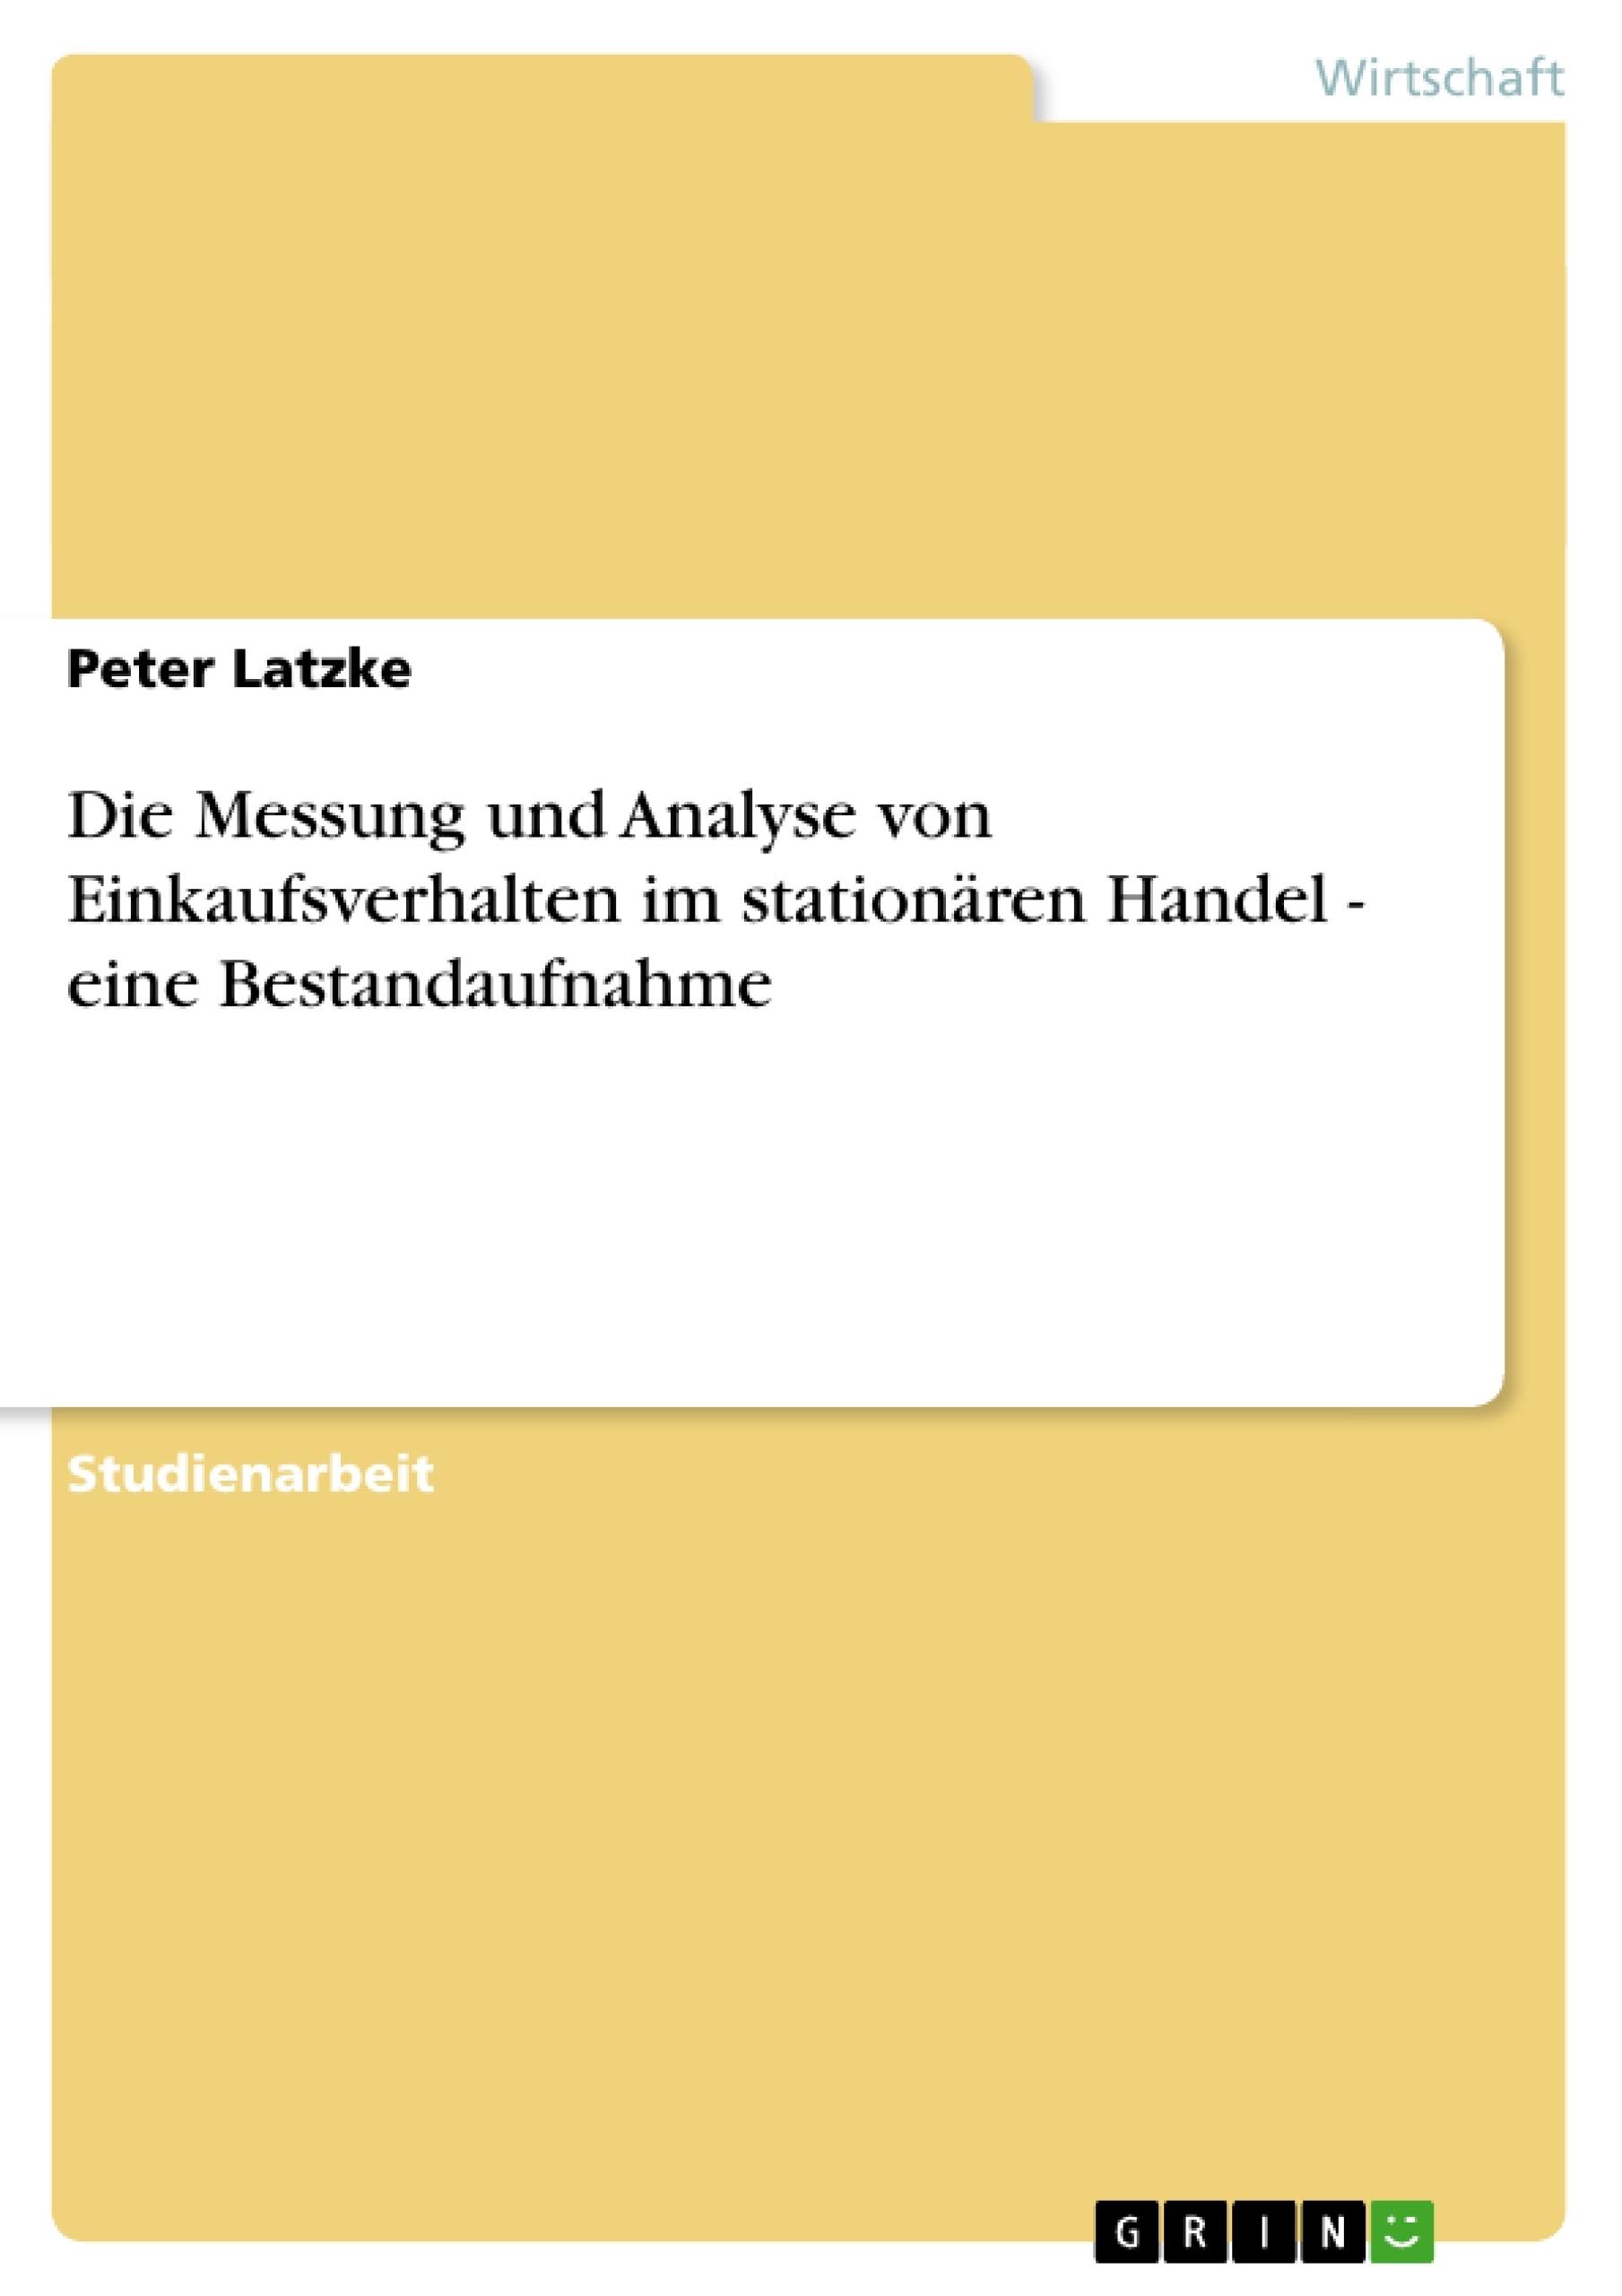 Titel: Die Messung und Analyse von Einkaufsverhalten im stationären Handel - eine Bestandaufnahme